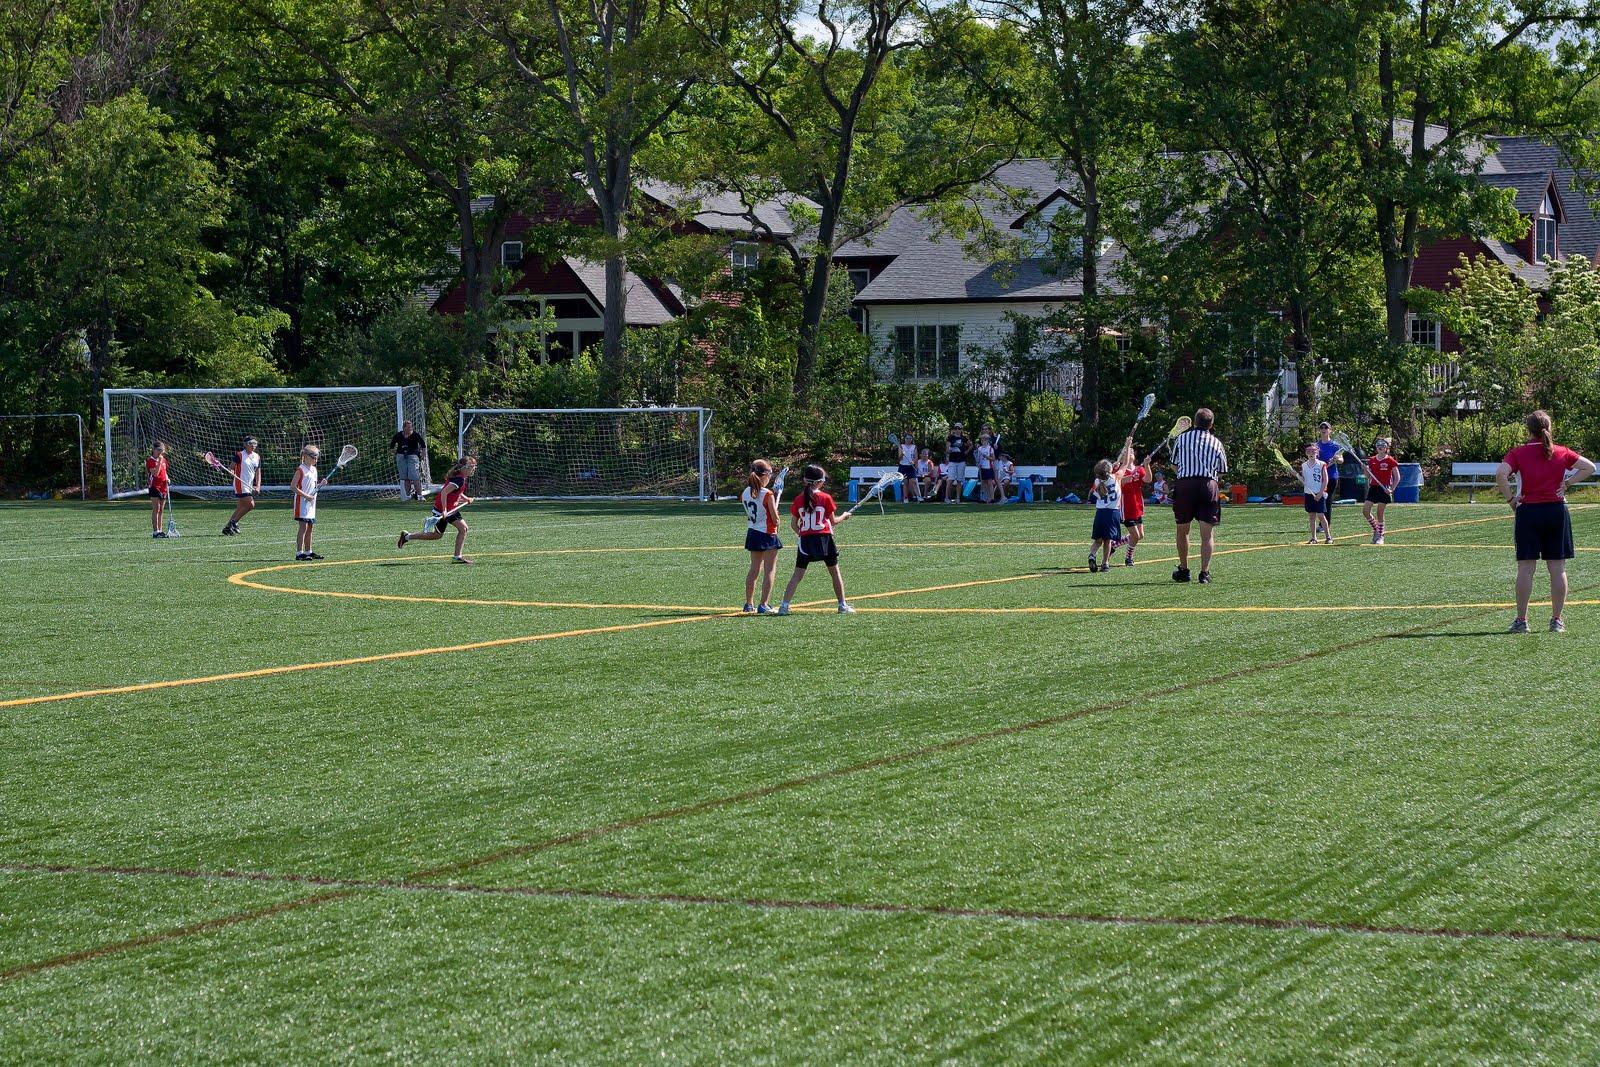 Amateur sports photography